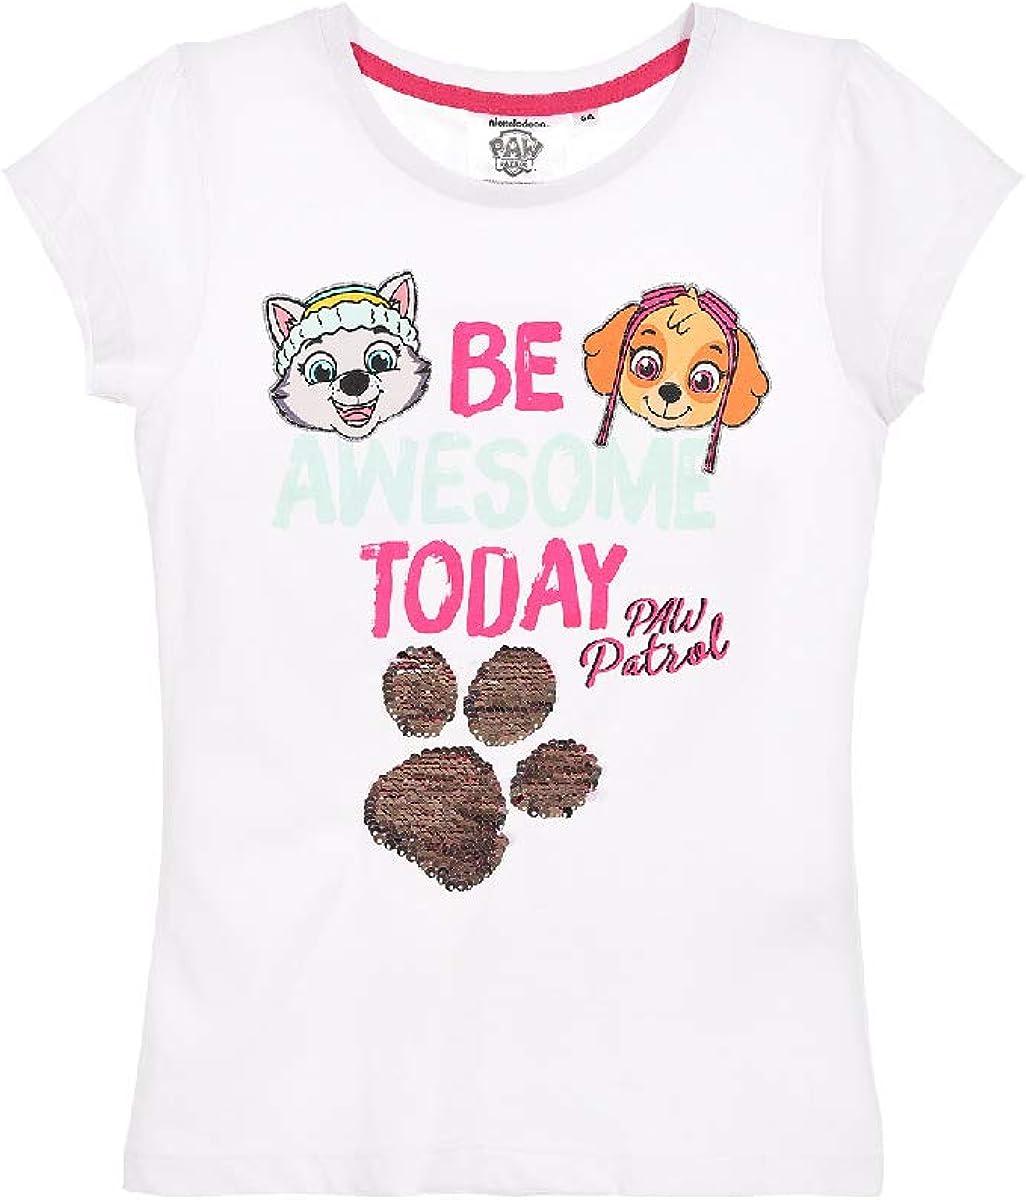 Camiseta de la Patrulla Canina reversible con lentejuelas para niña Blanco 110 cm: Amazon.es: Ropa y accesorios